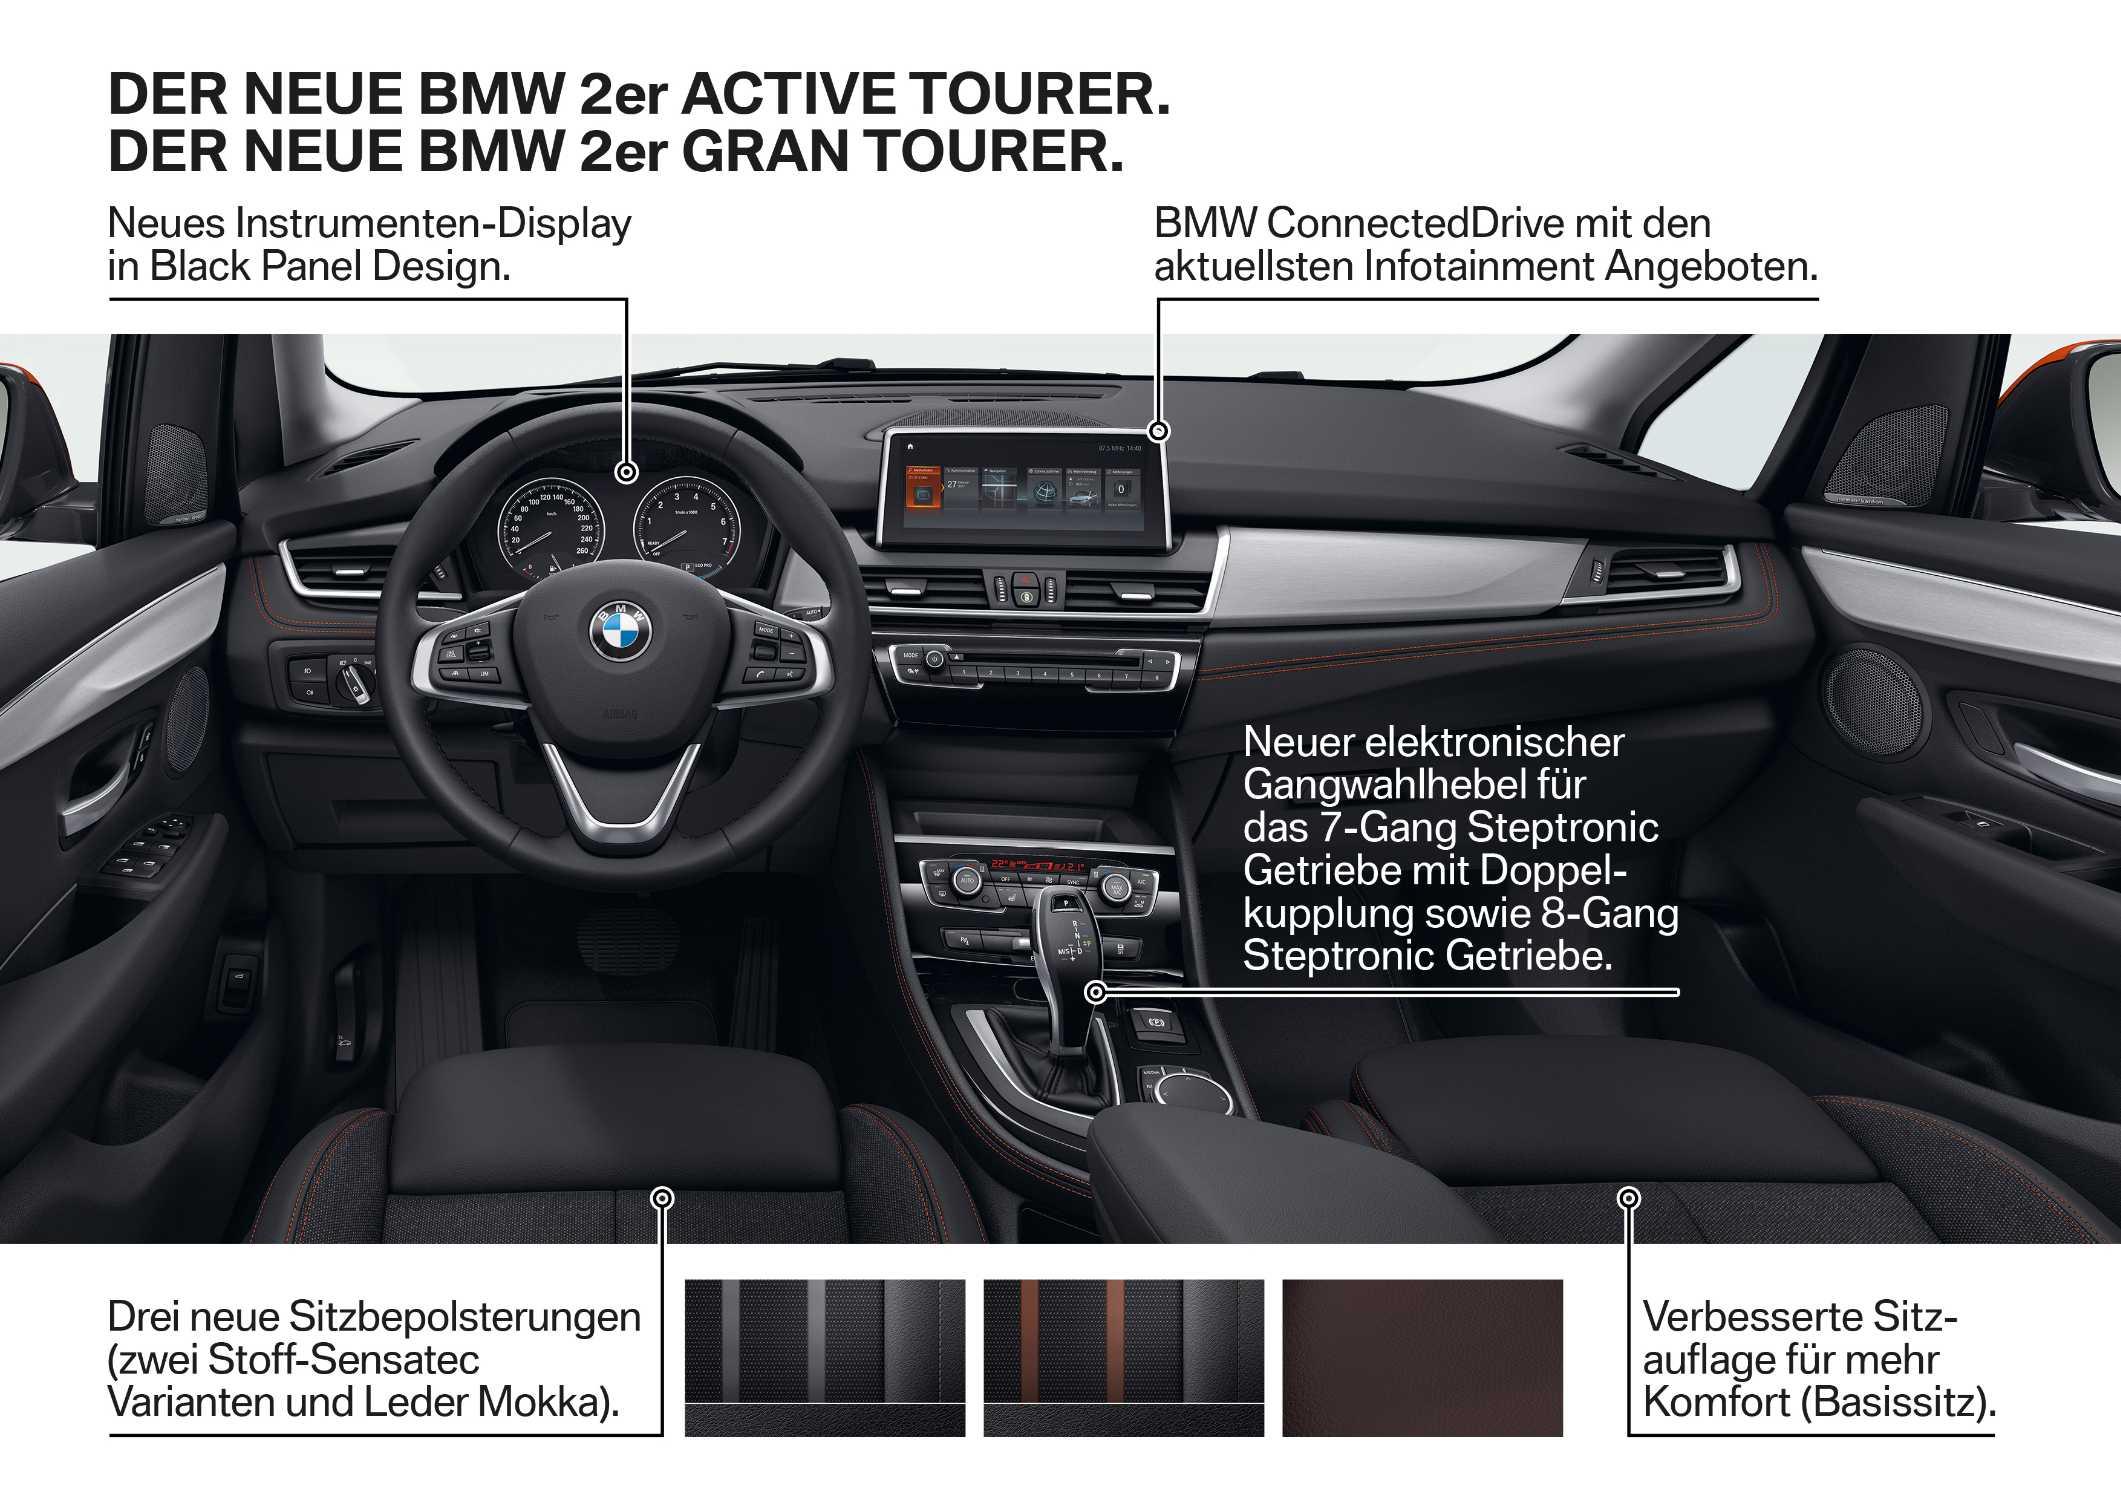 Der Neue Bmw 2er Active Tourer Der Neue Bmw 2er Gran Tourer 012018